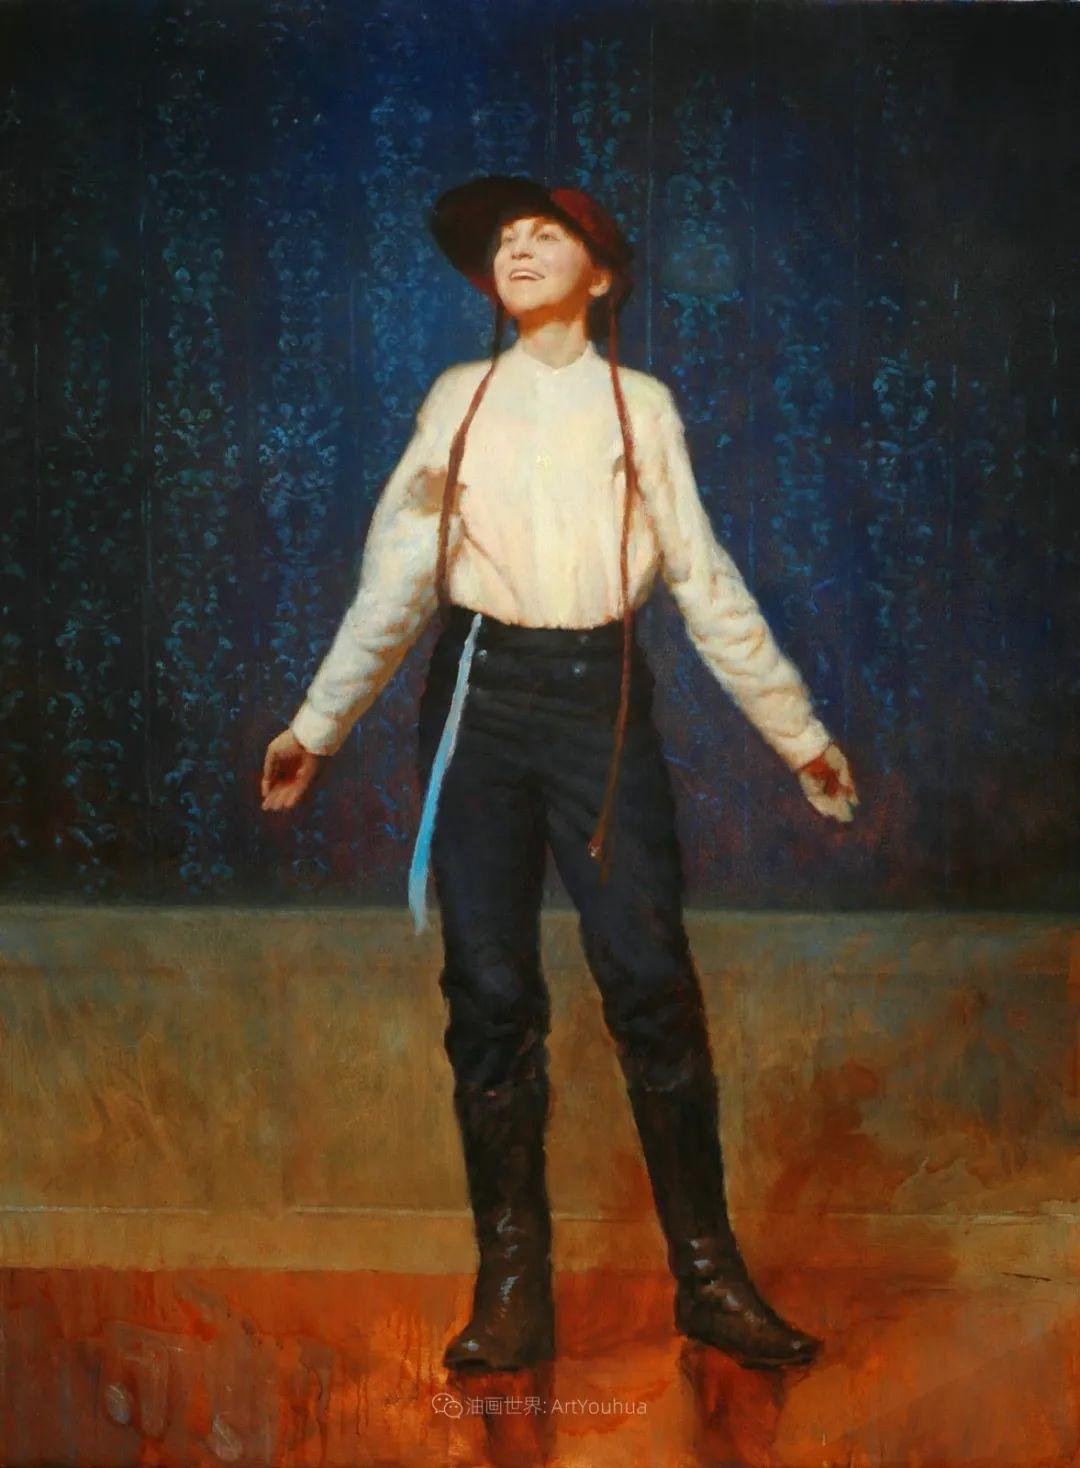 有趣而独特的人物肖像画,美国画家塞思·哈维坎普插图37